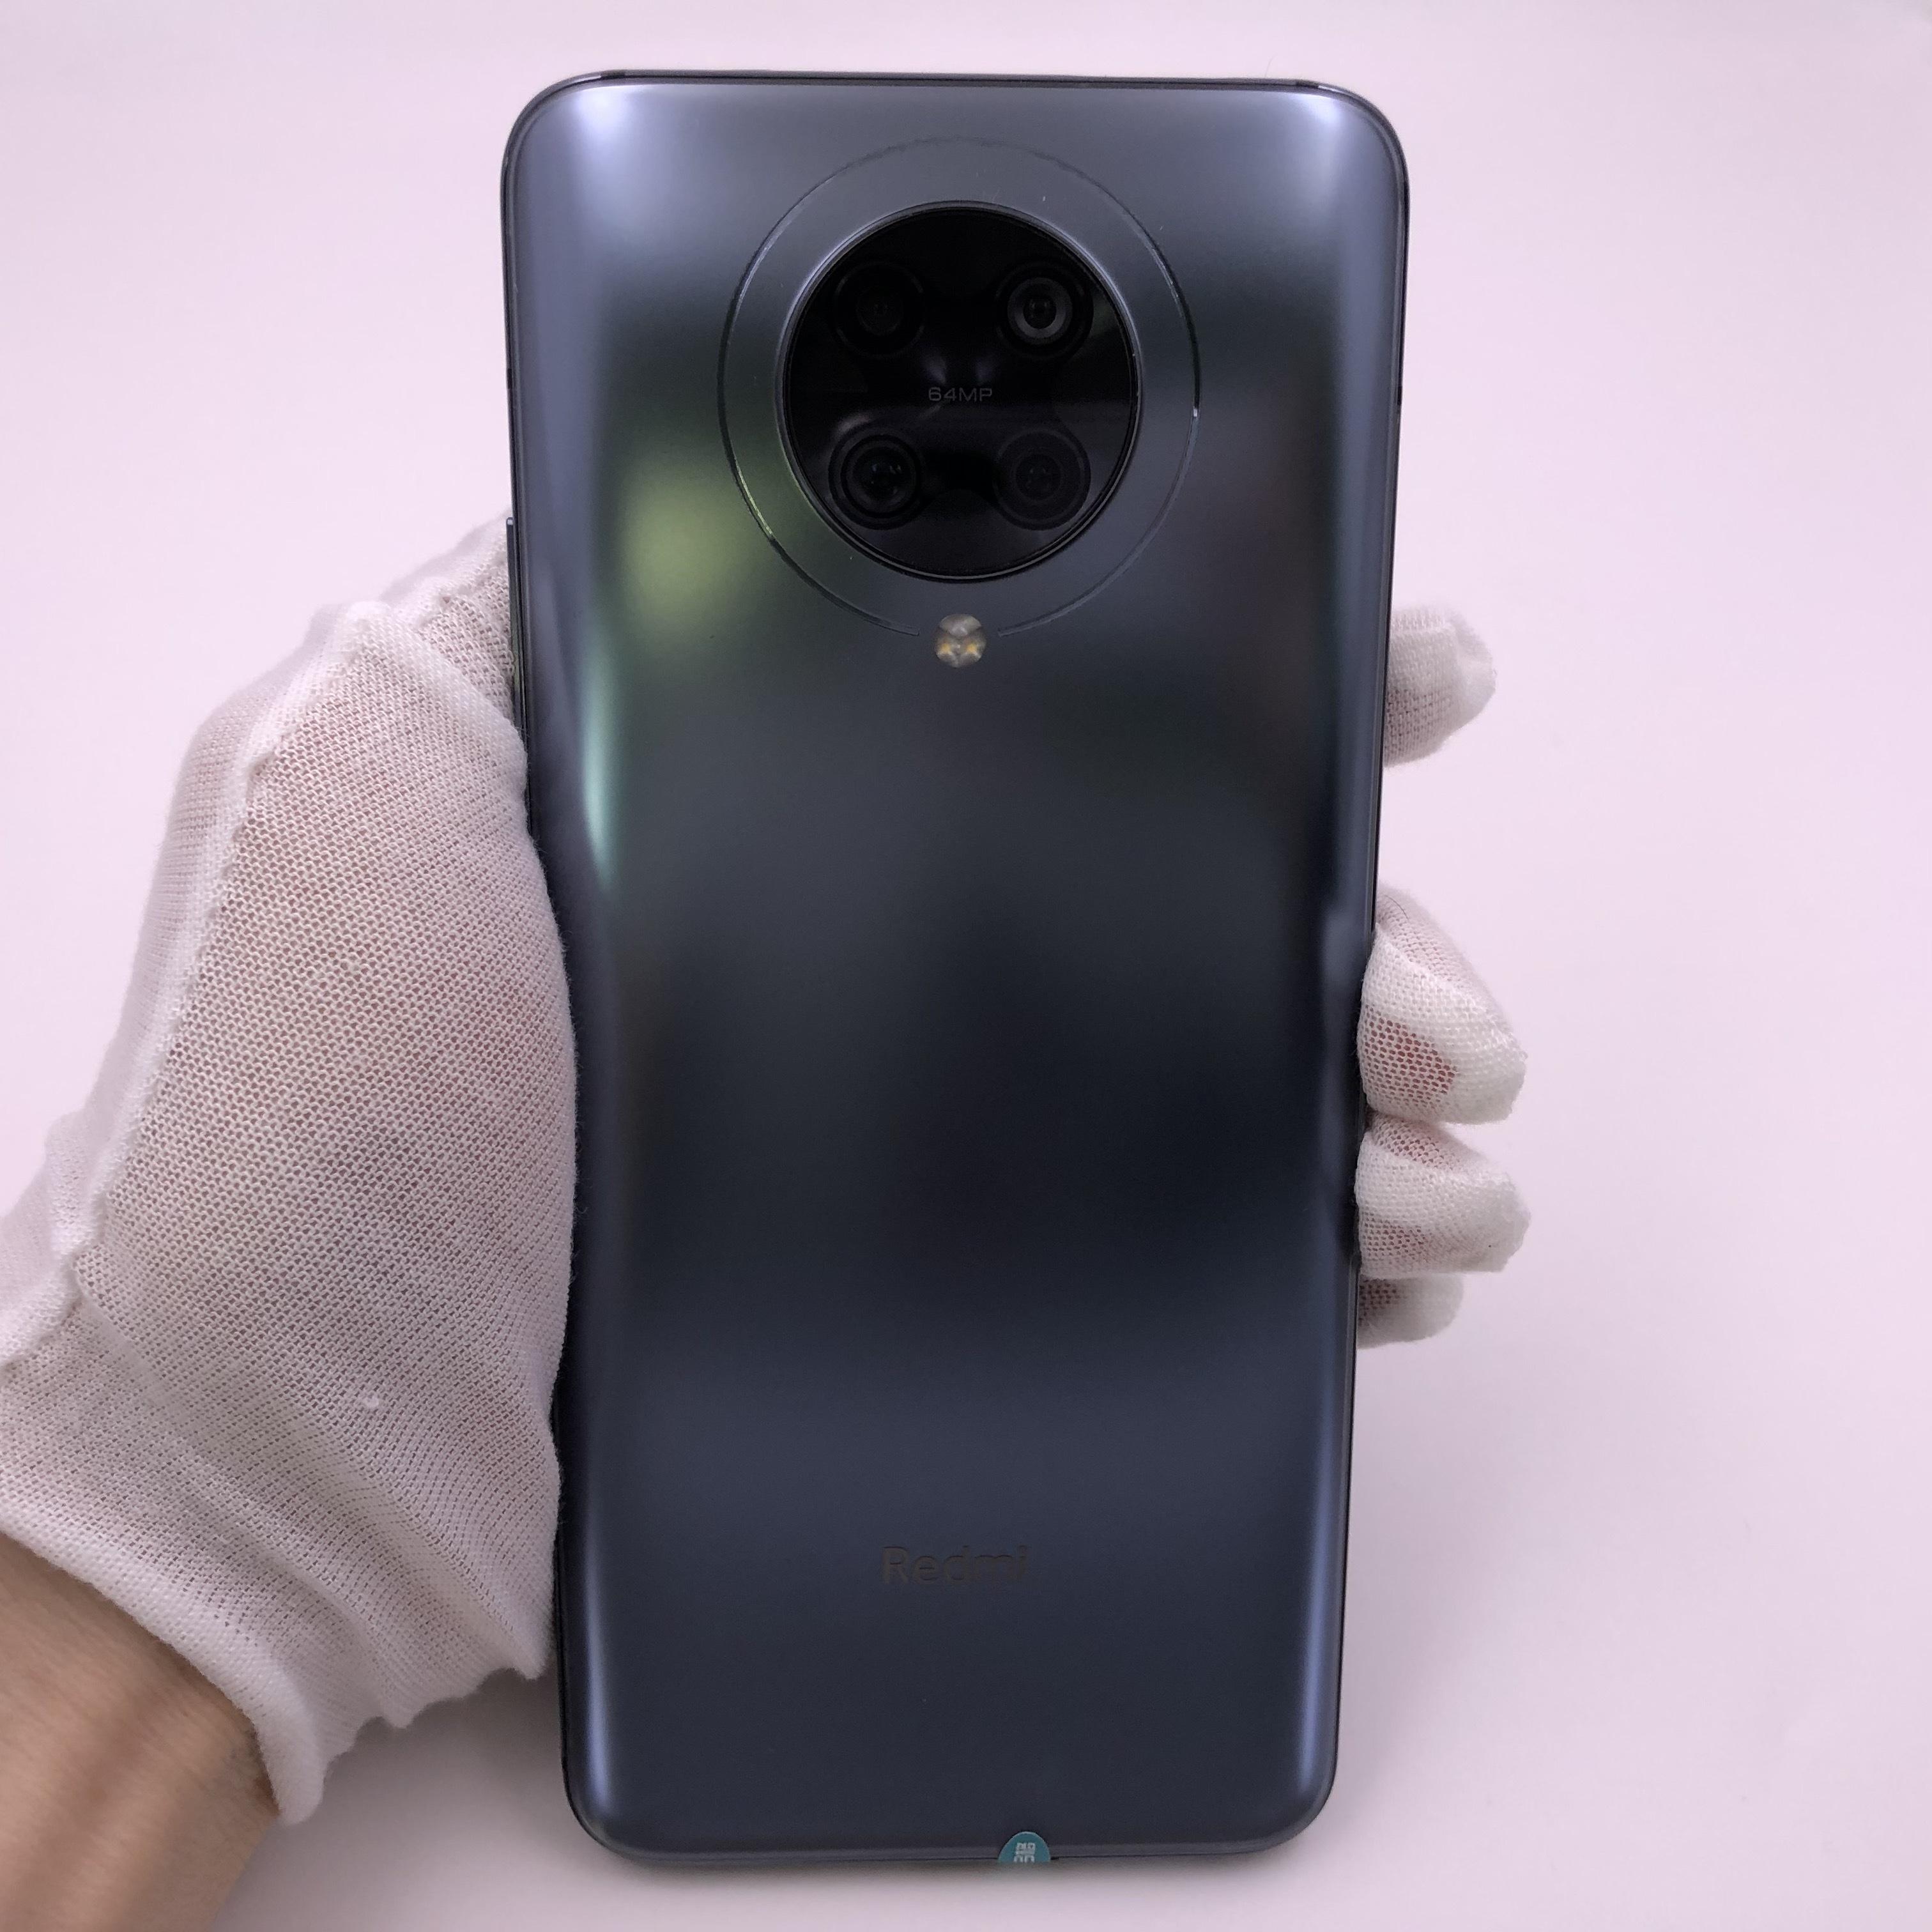 小米【Redmi K30 Pro 变焦 5G】5G全网通 太空灰 8G/256G 国行 8成新